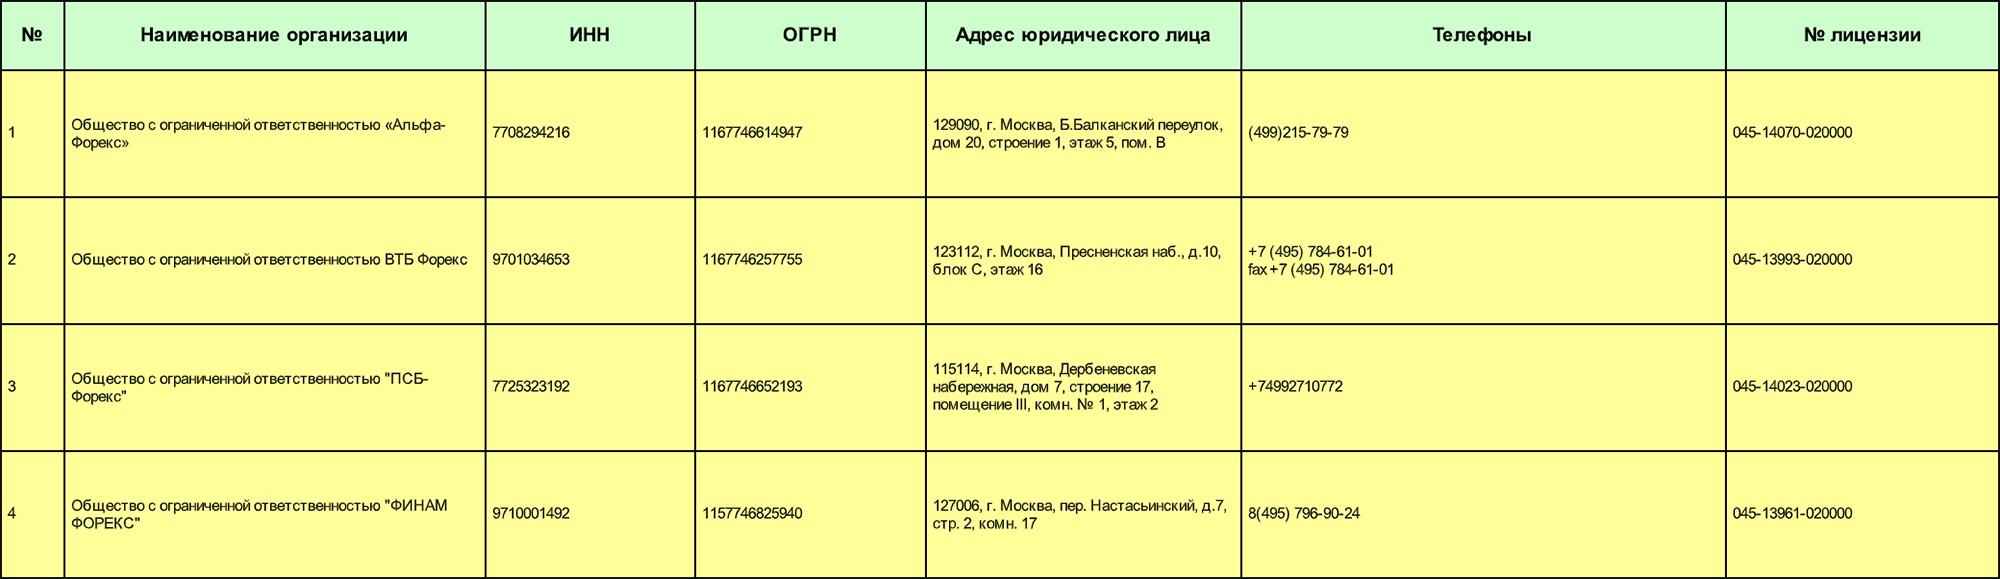 В реестре лицензированных форекс-дилеров ЦБ четыре компании: «Альфа-форекс», «ВТБ форекс», «ПСБ-форекс» и «ФИНАМфорекс». Дилеров, с которыми работает «ДаВинчи», в реестре нет